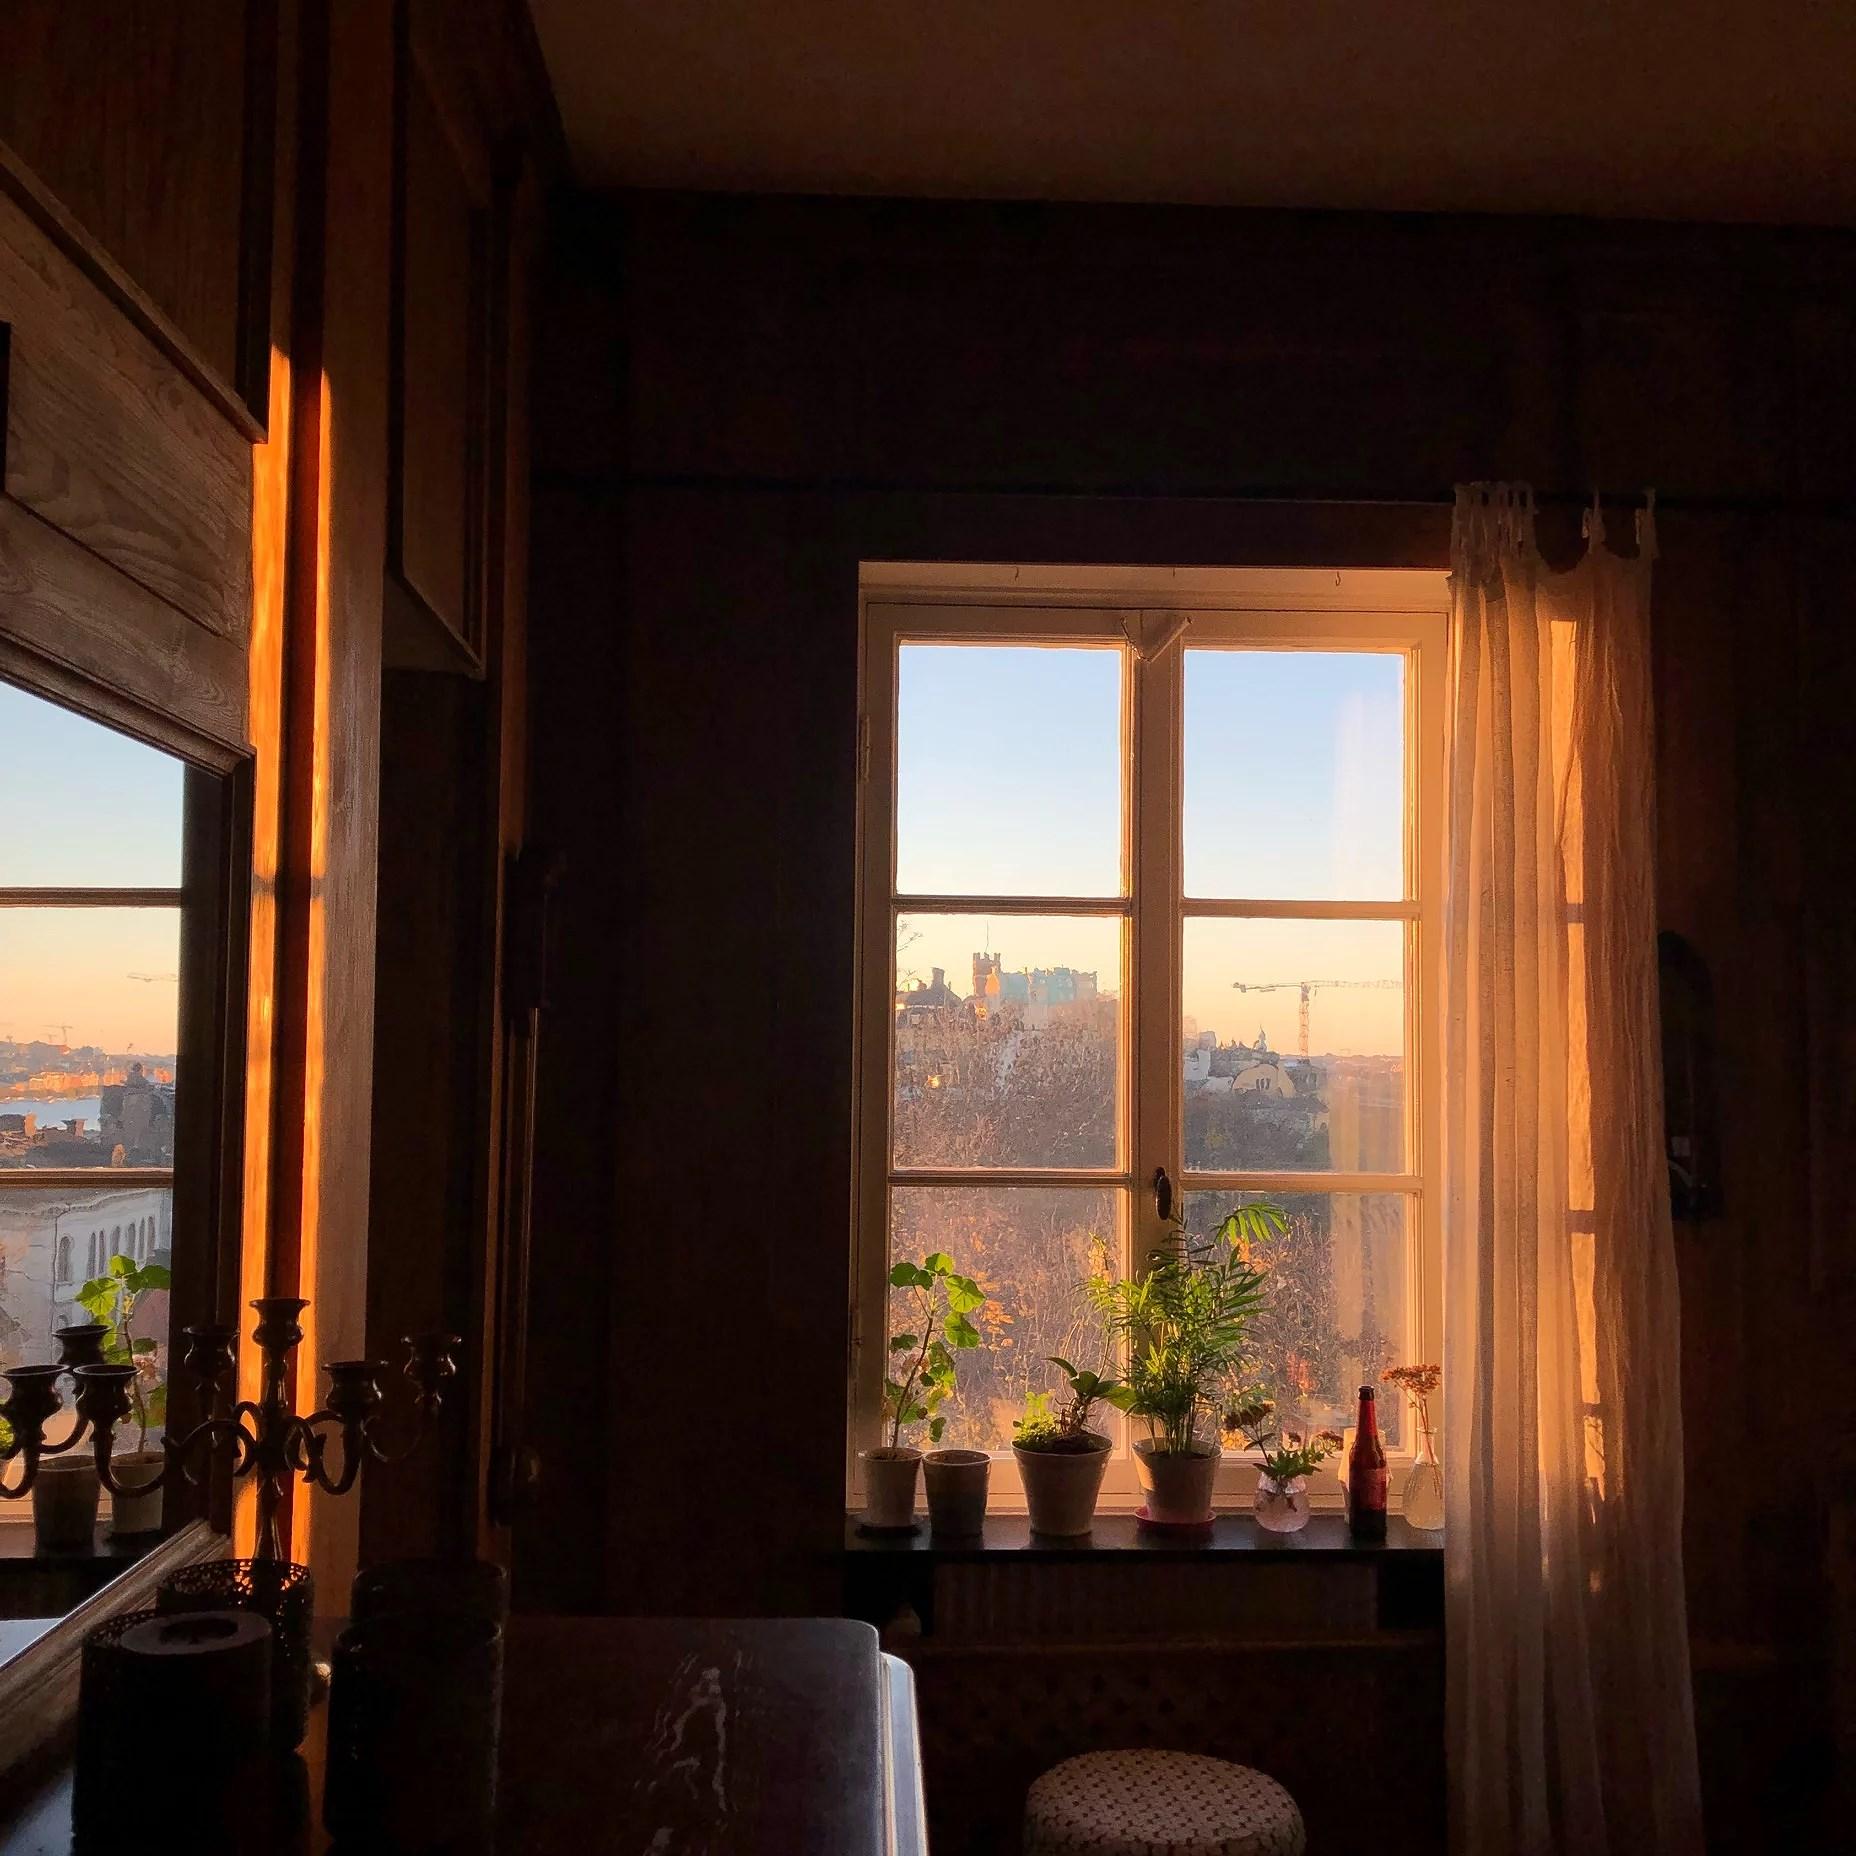 Solnedgång och Allisfrukost